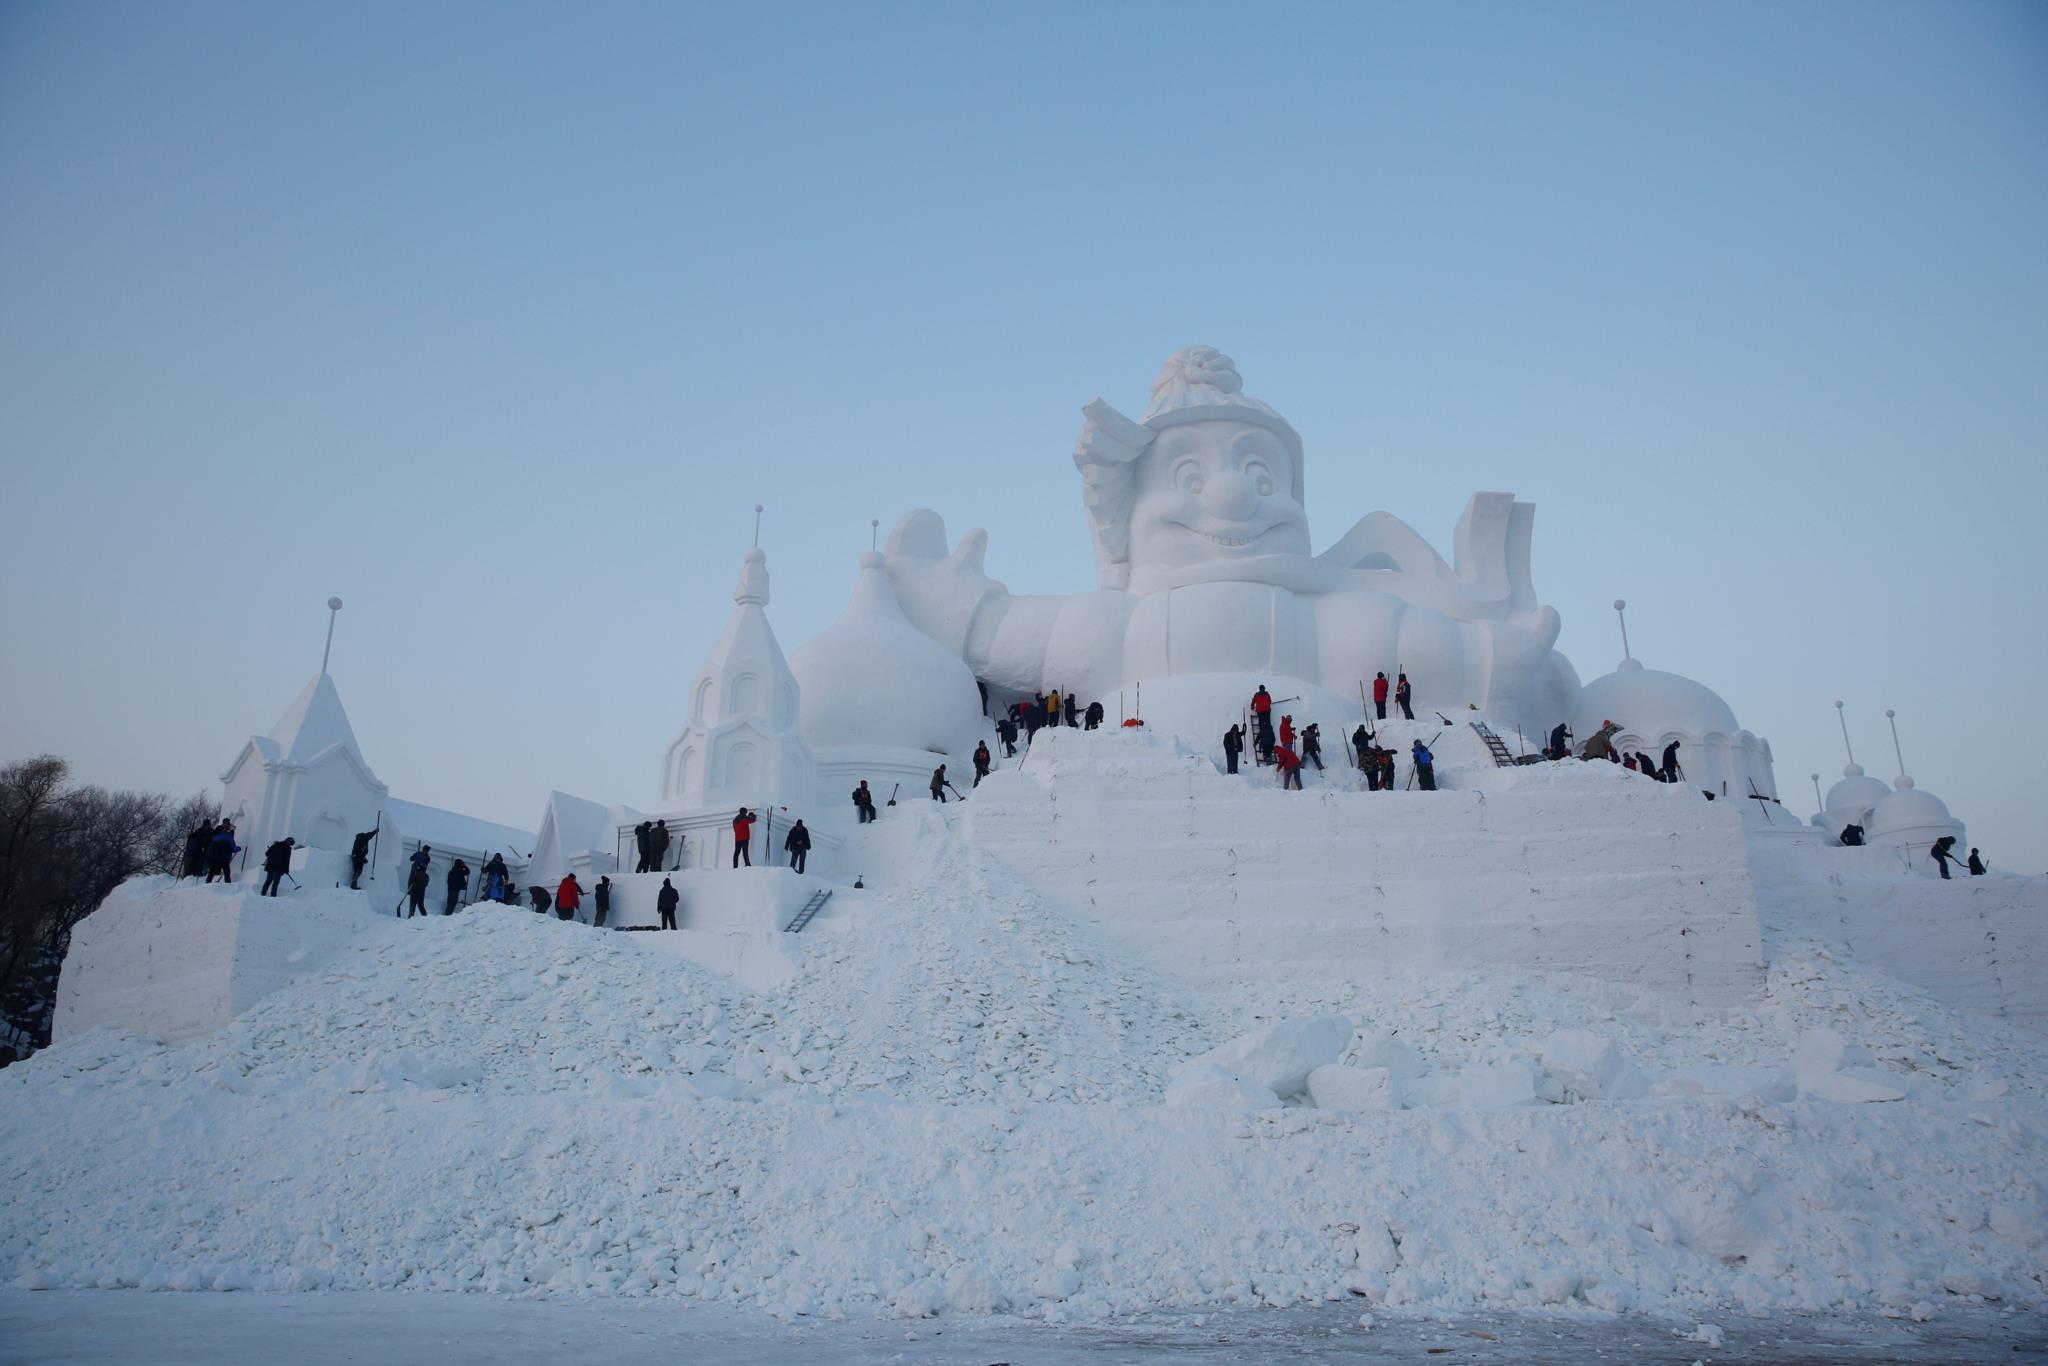 Artistas fazem uma escultura de neve no Festival Internacional de Esculturas de Gelo e Neve, em Harbin, China